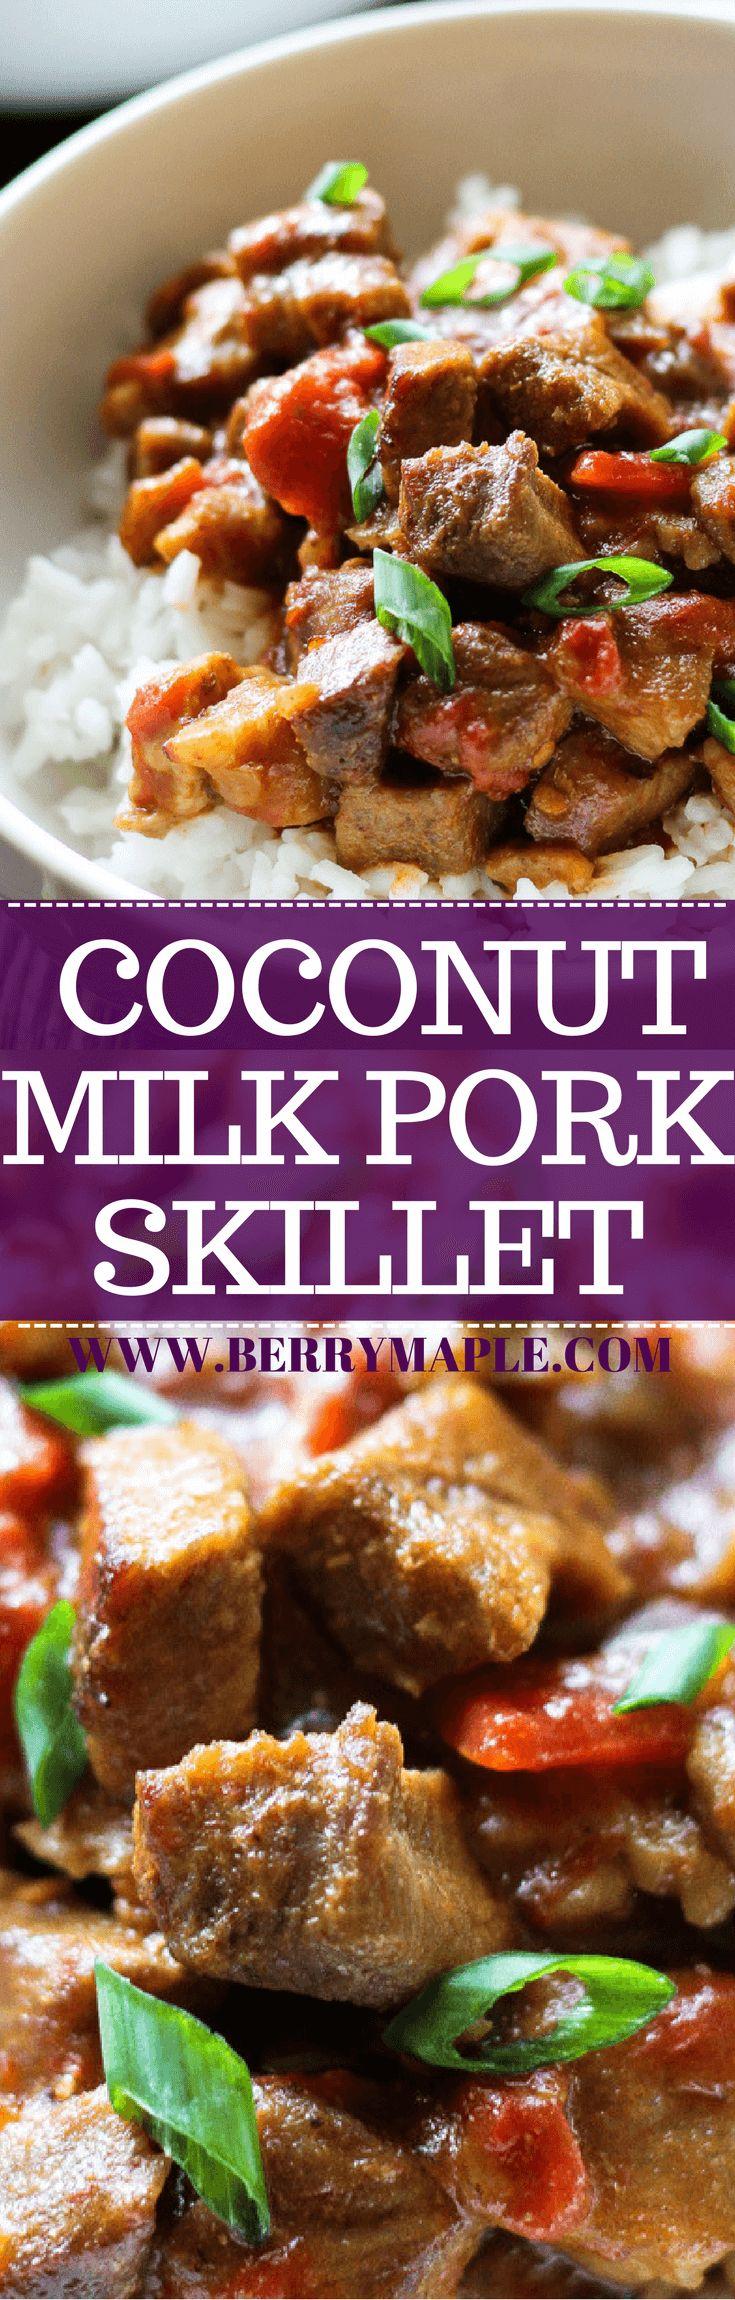 coconut milk pork skillet recipe #pork#skillet#coc…